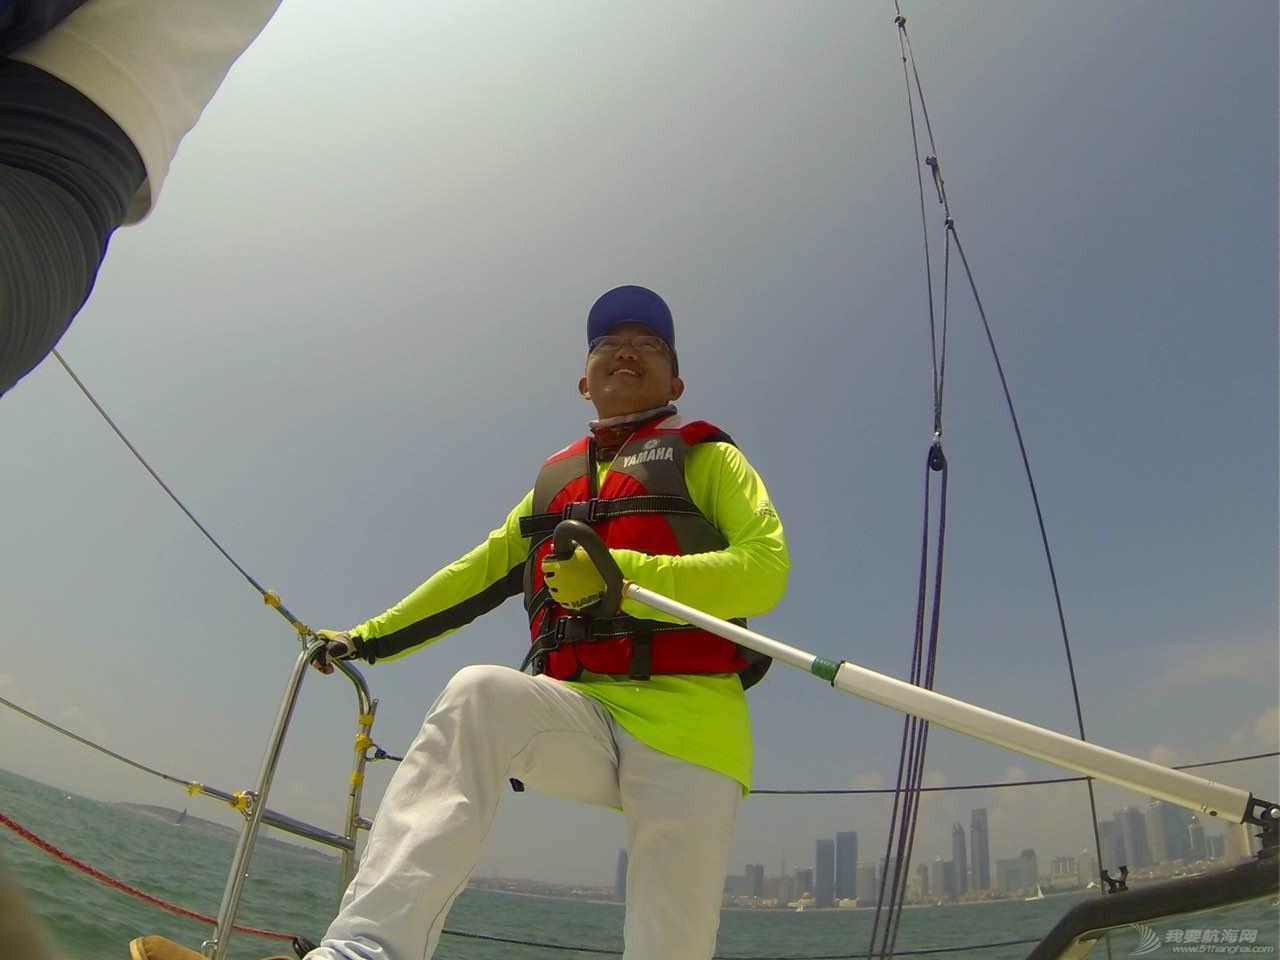 """小伙伴,青岛,国际 千年修得同船赛-记2016年青岛""""市长杯""""国际帆船赛的小伙伴们 6090600193536515912.jpg"""